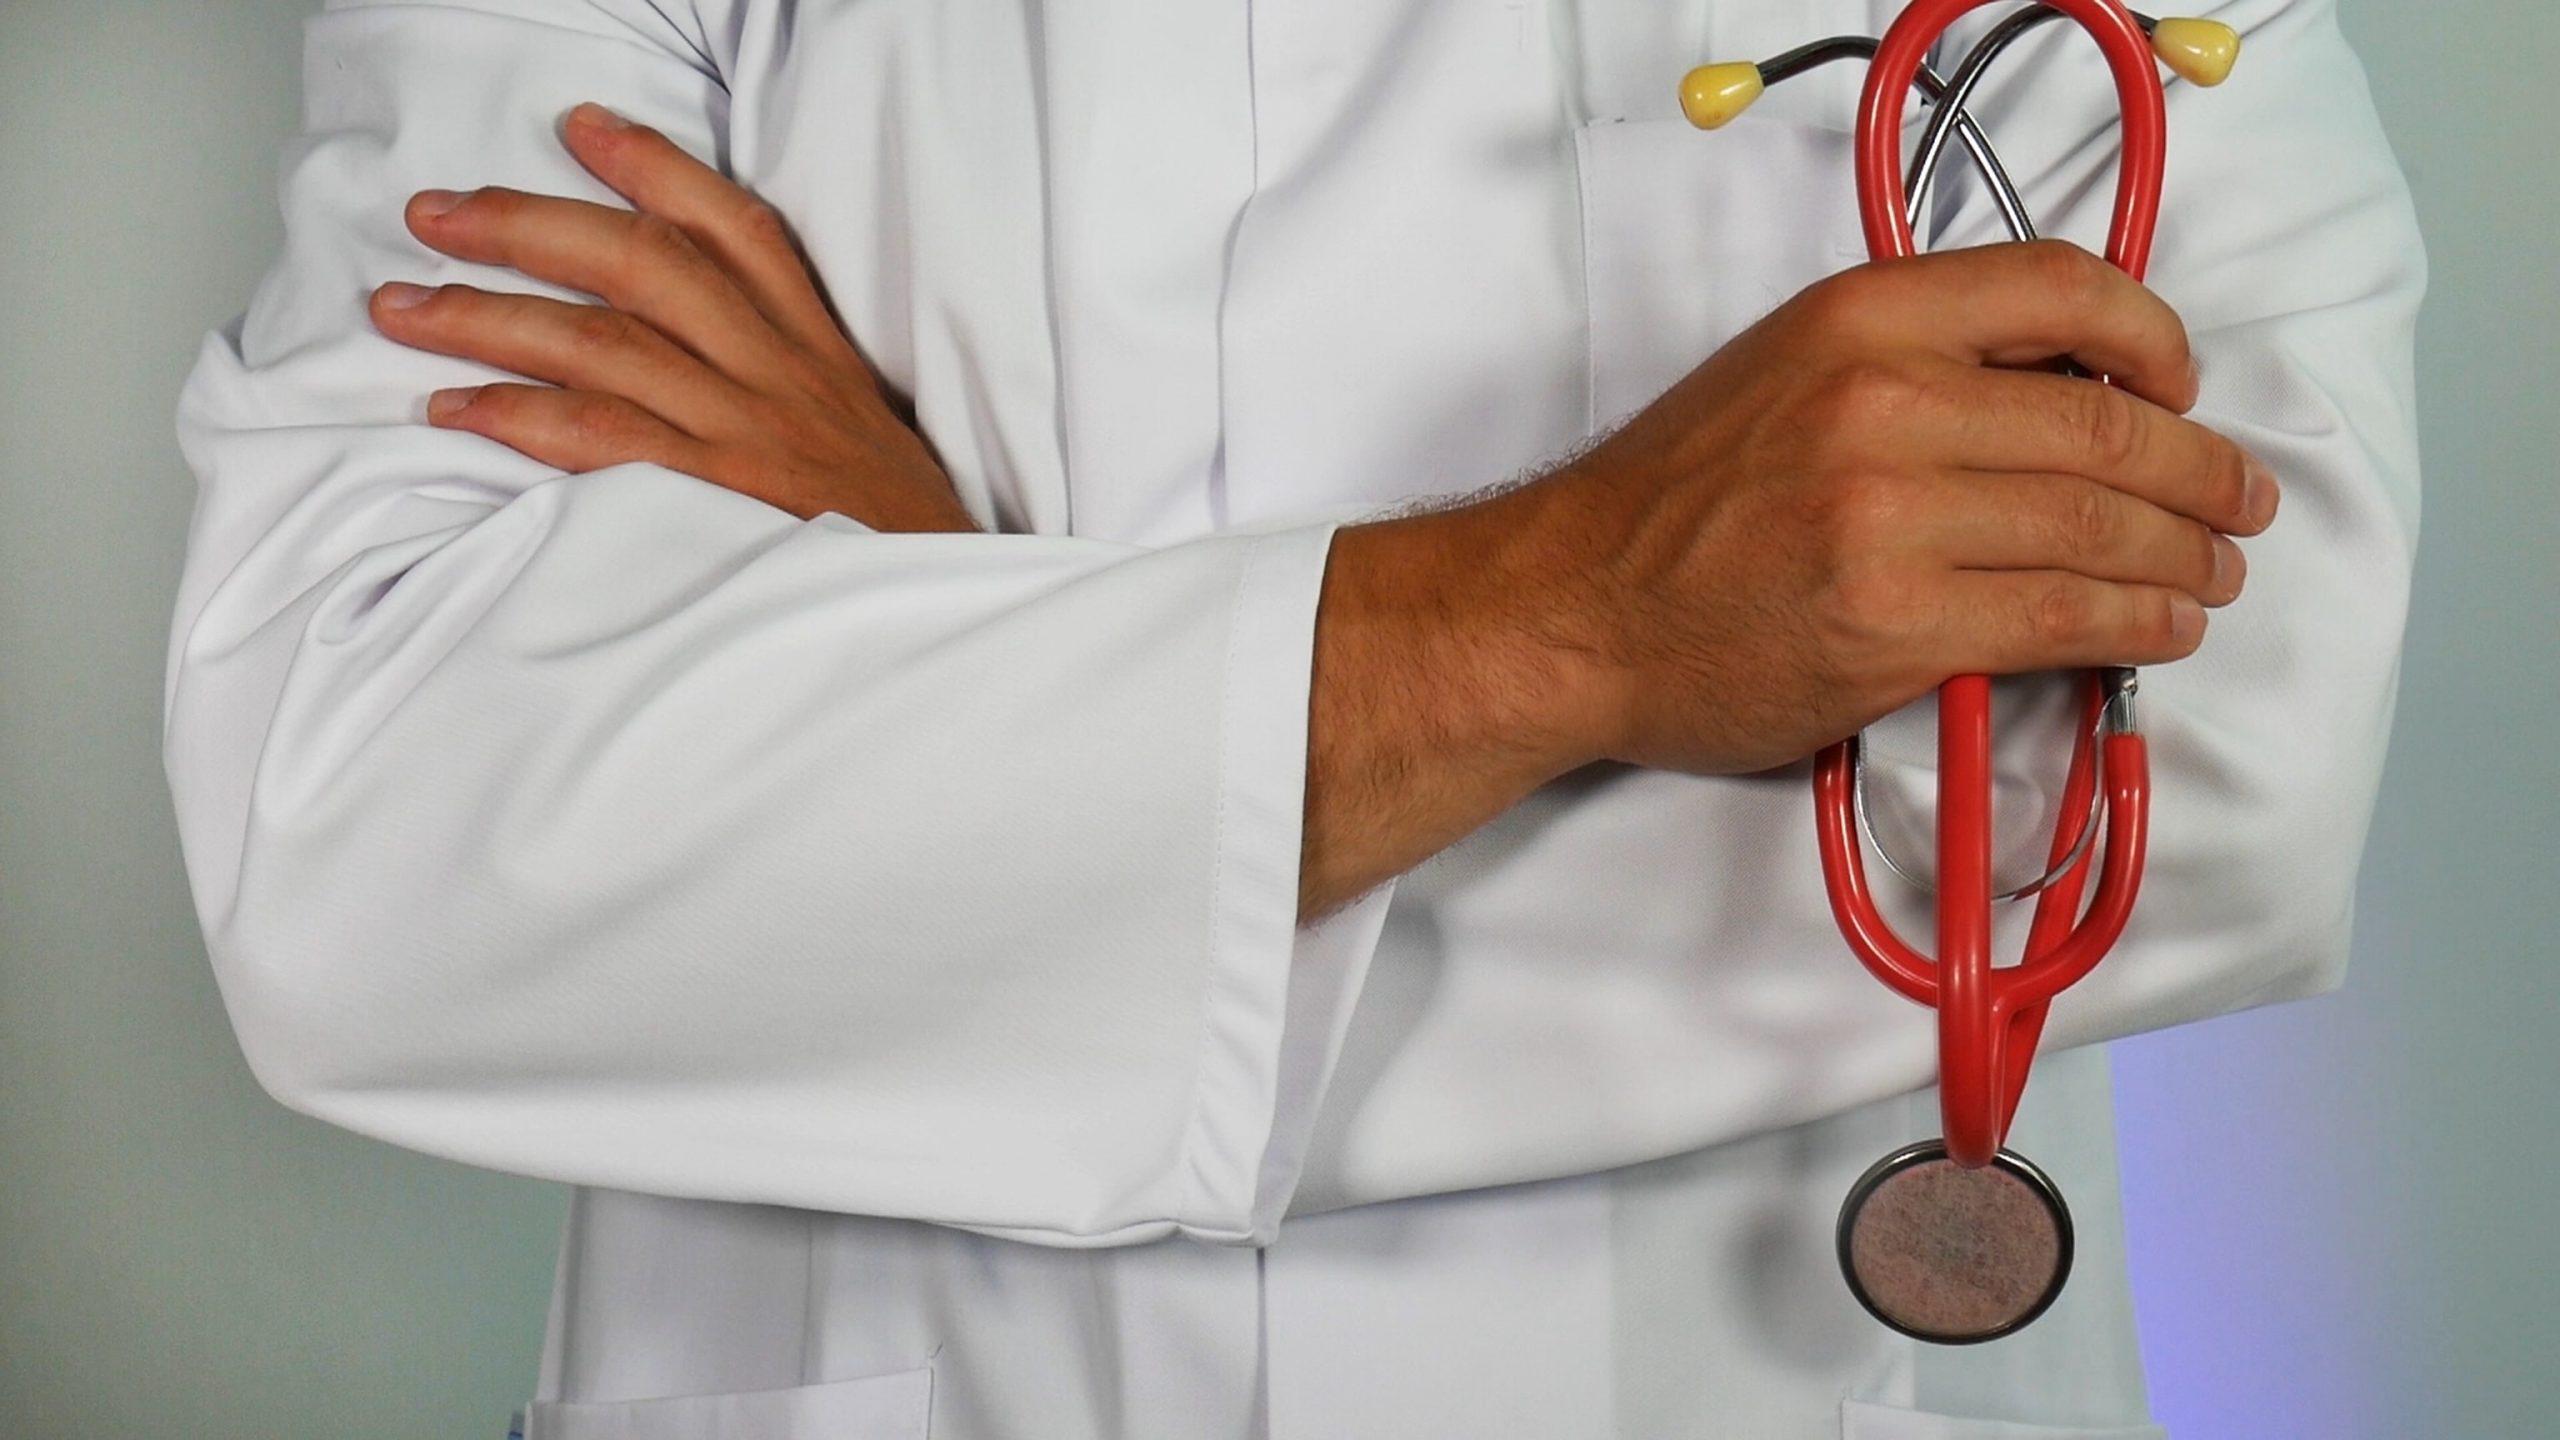 Πώς αντιμετωπίζουμε το άσθμα -αλλεργικό και μη- την καλοκαιρινή περίοδο